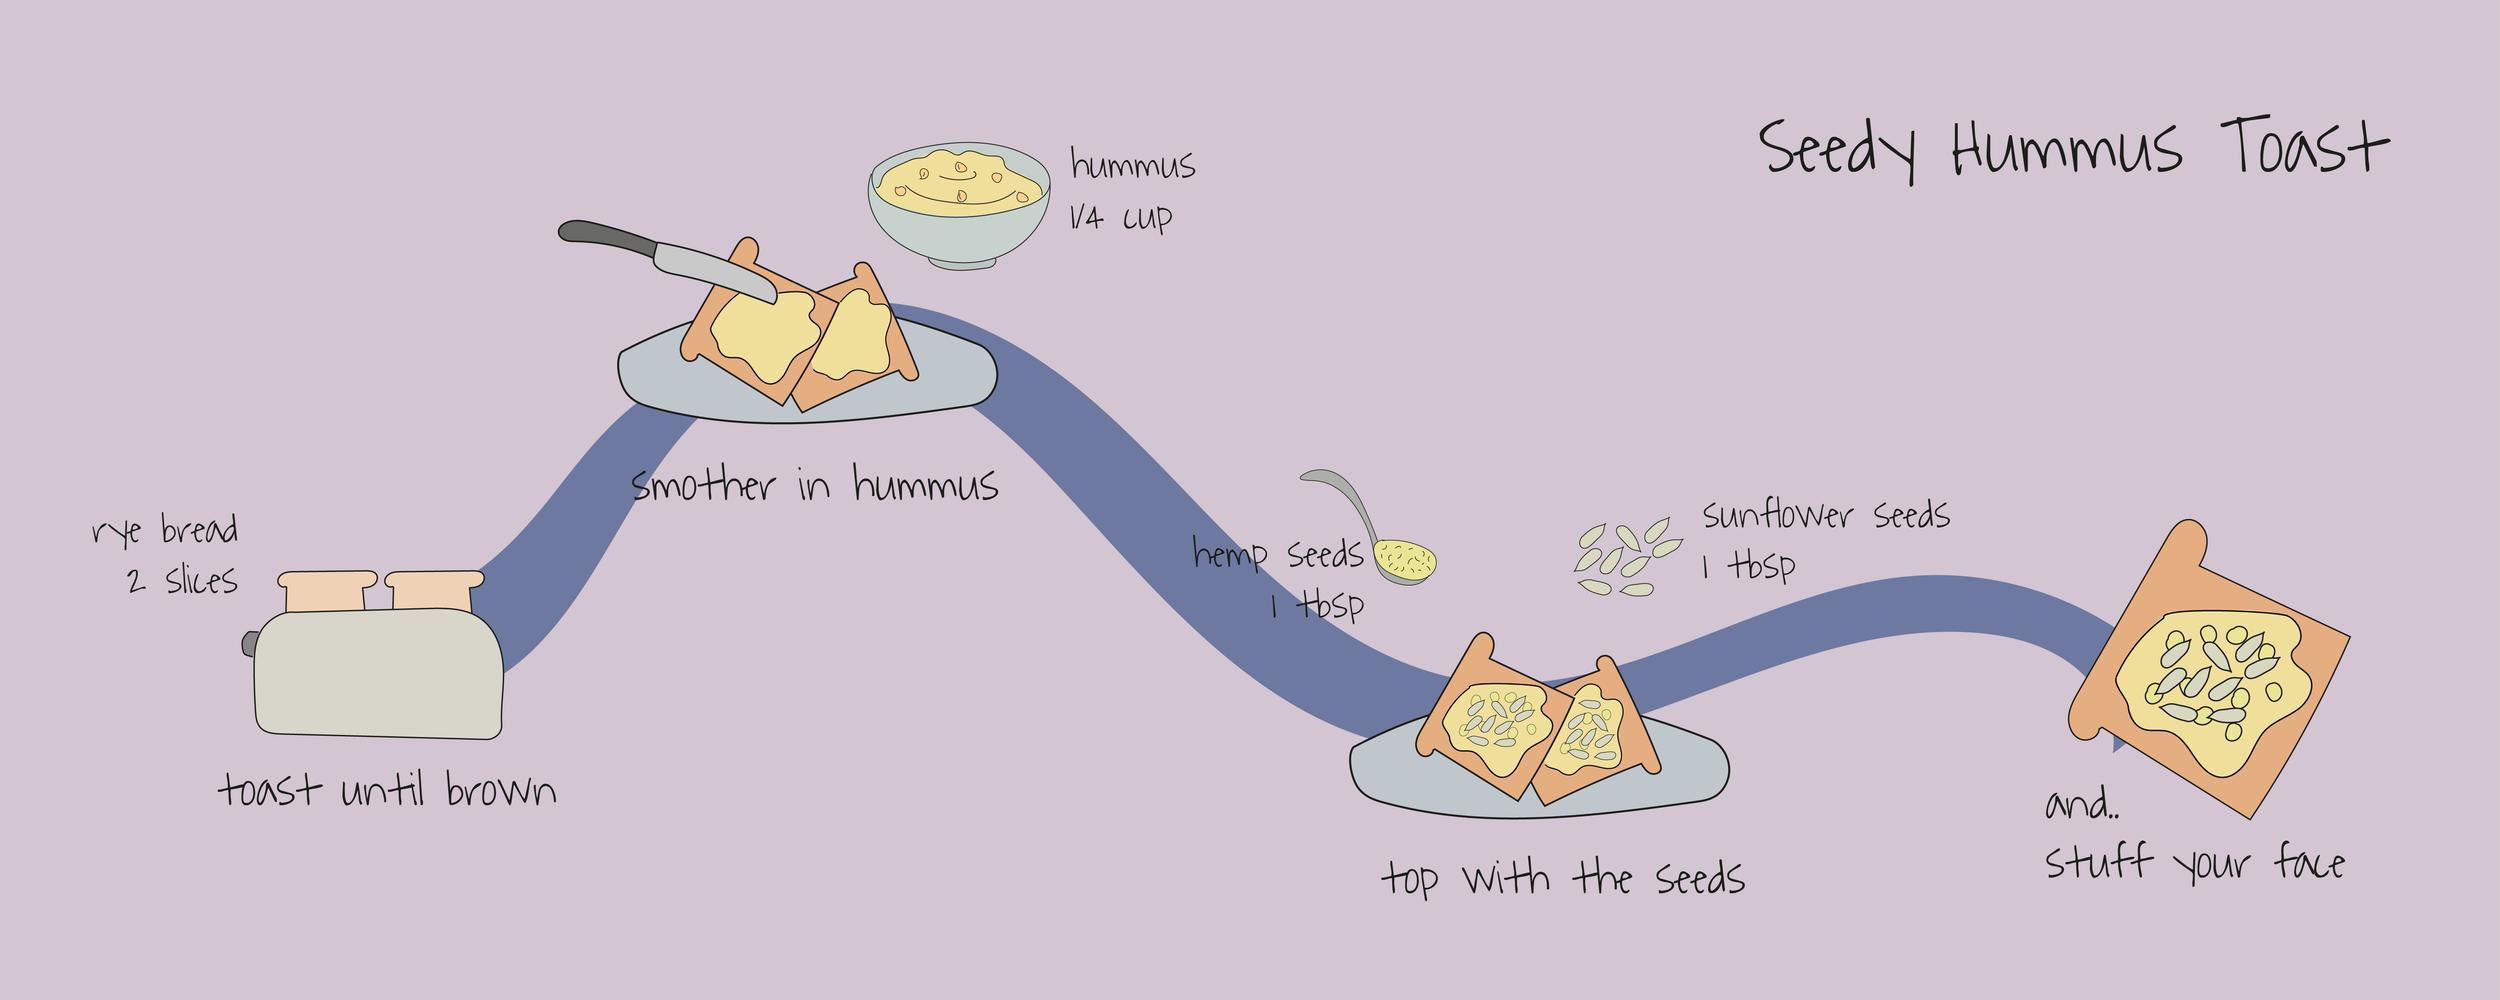 Hummus on Toast